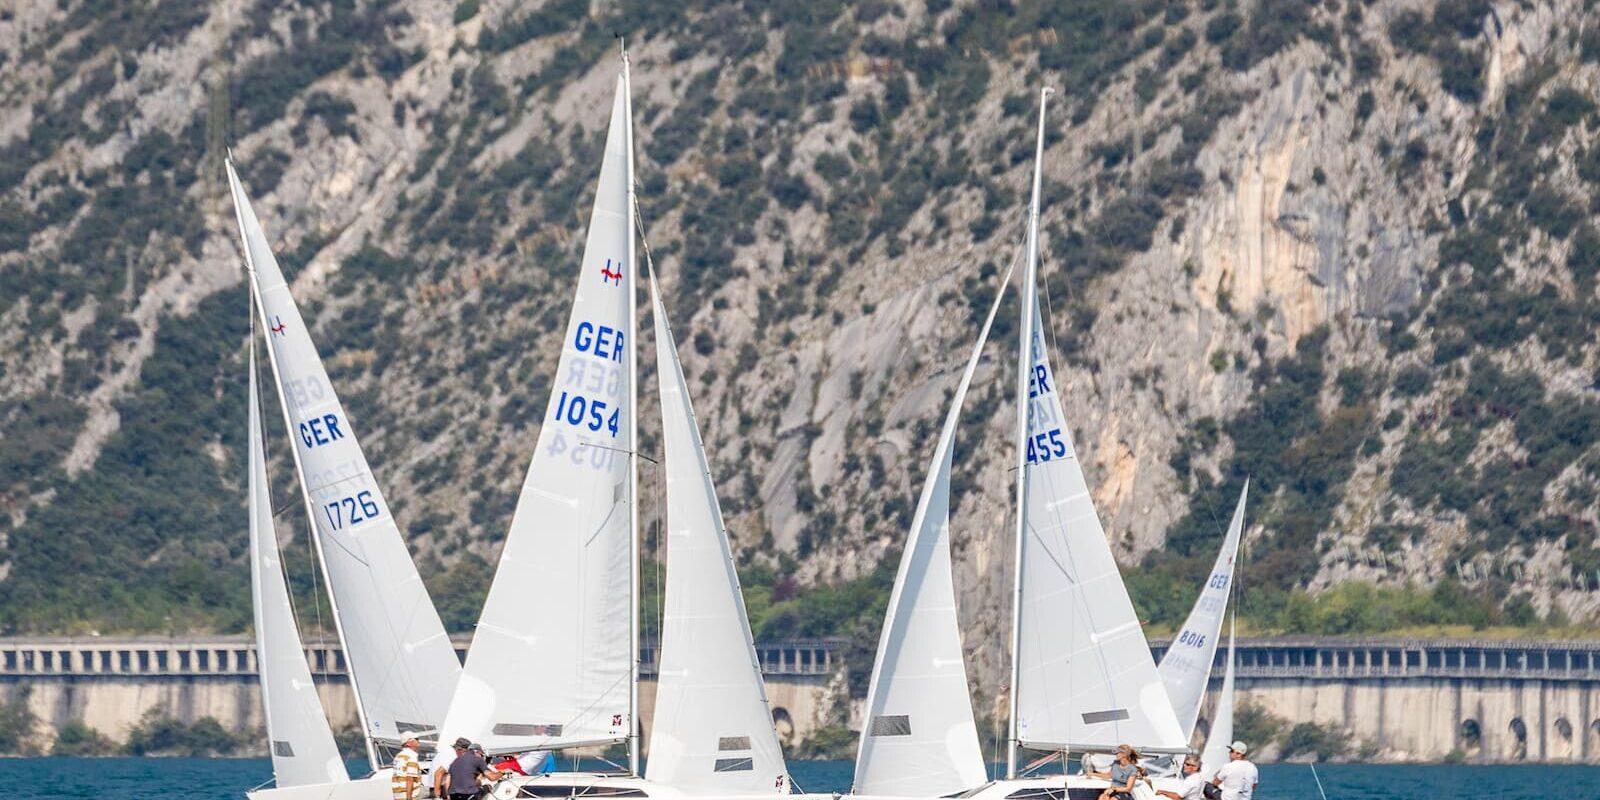 Regata della classe h-boat alla Fraglia Vela Malcesine, sul lago di garda